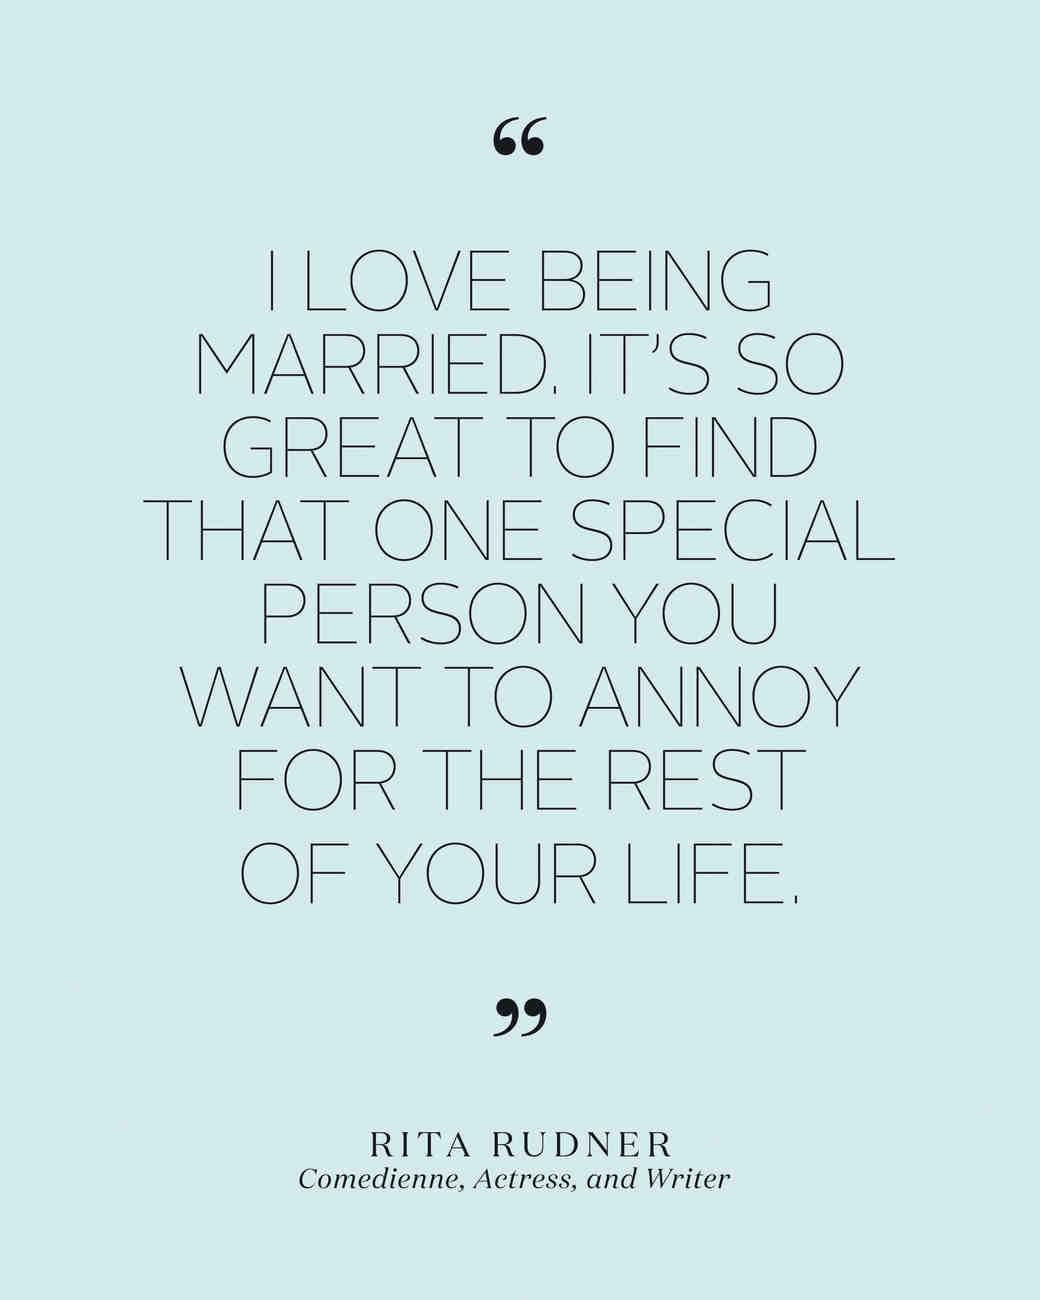 wedding slideshow quotes